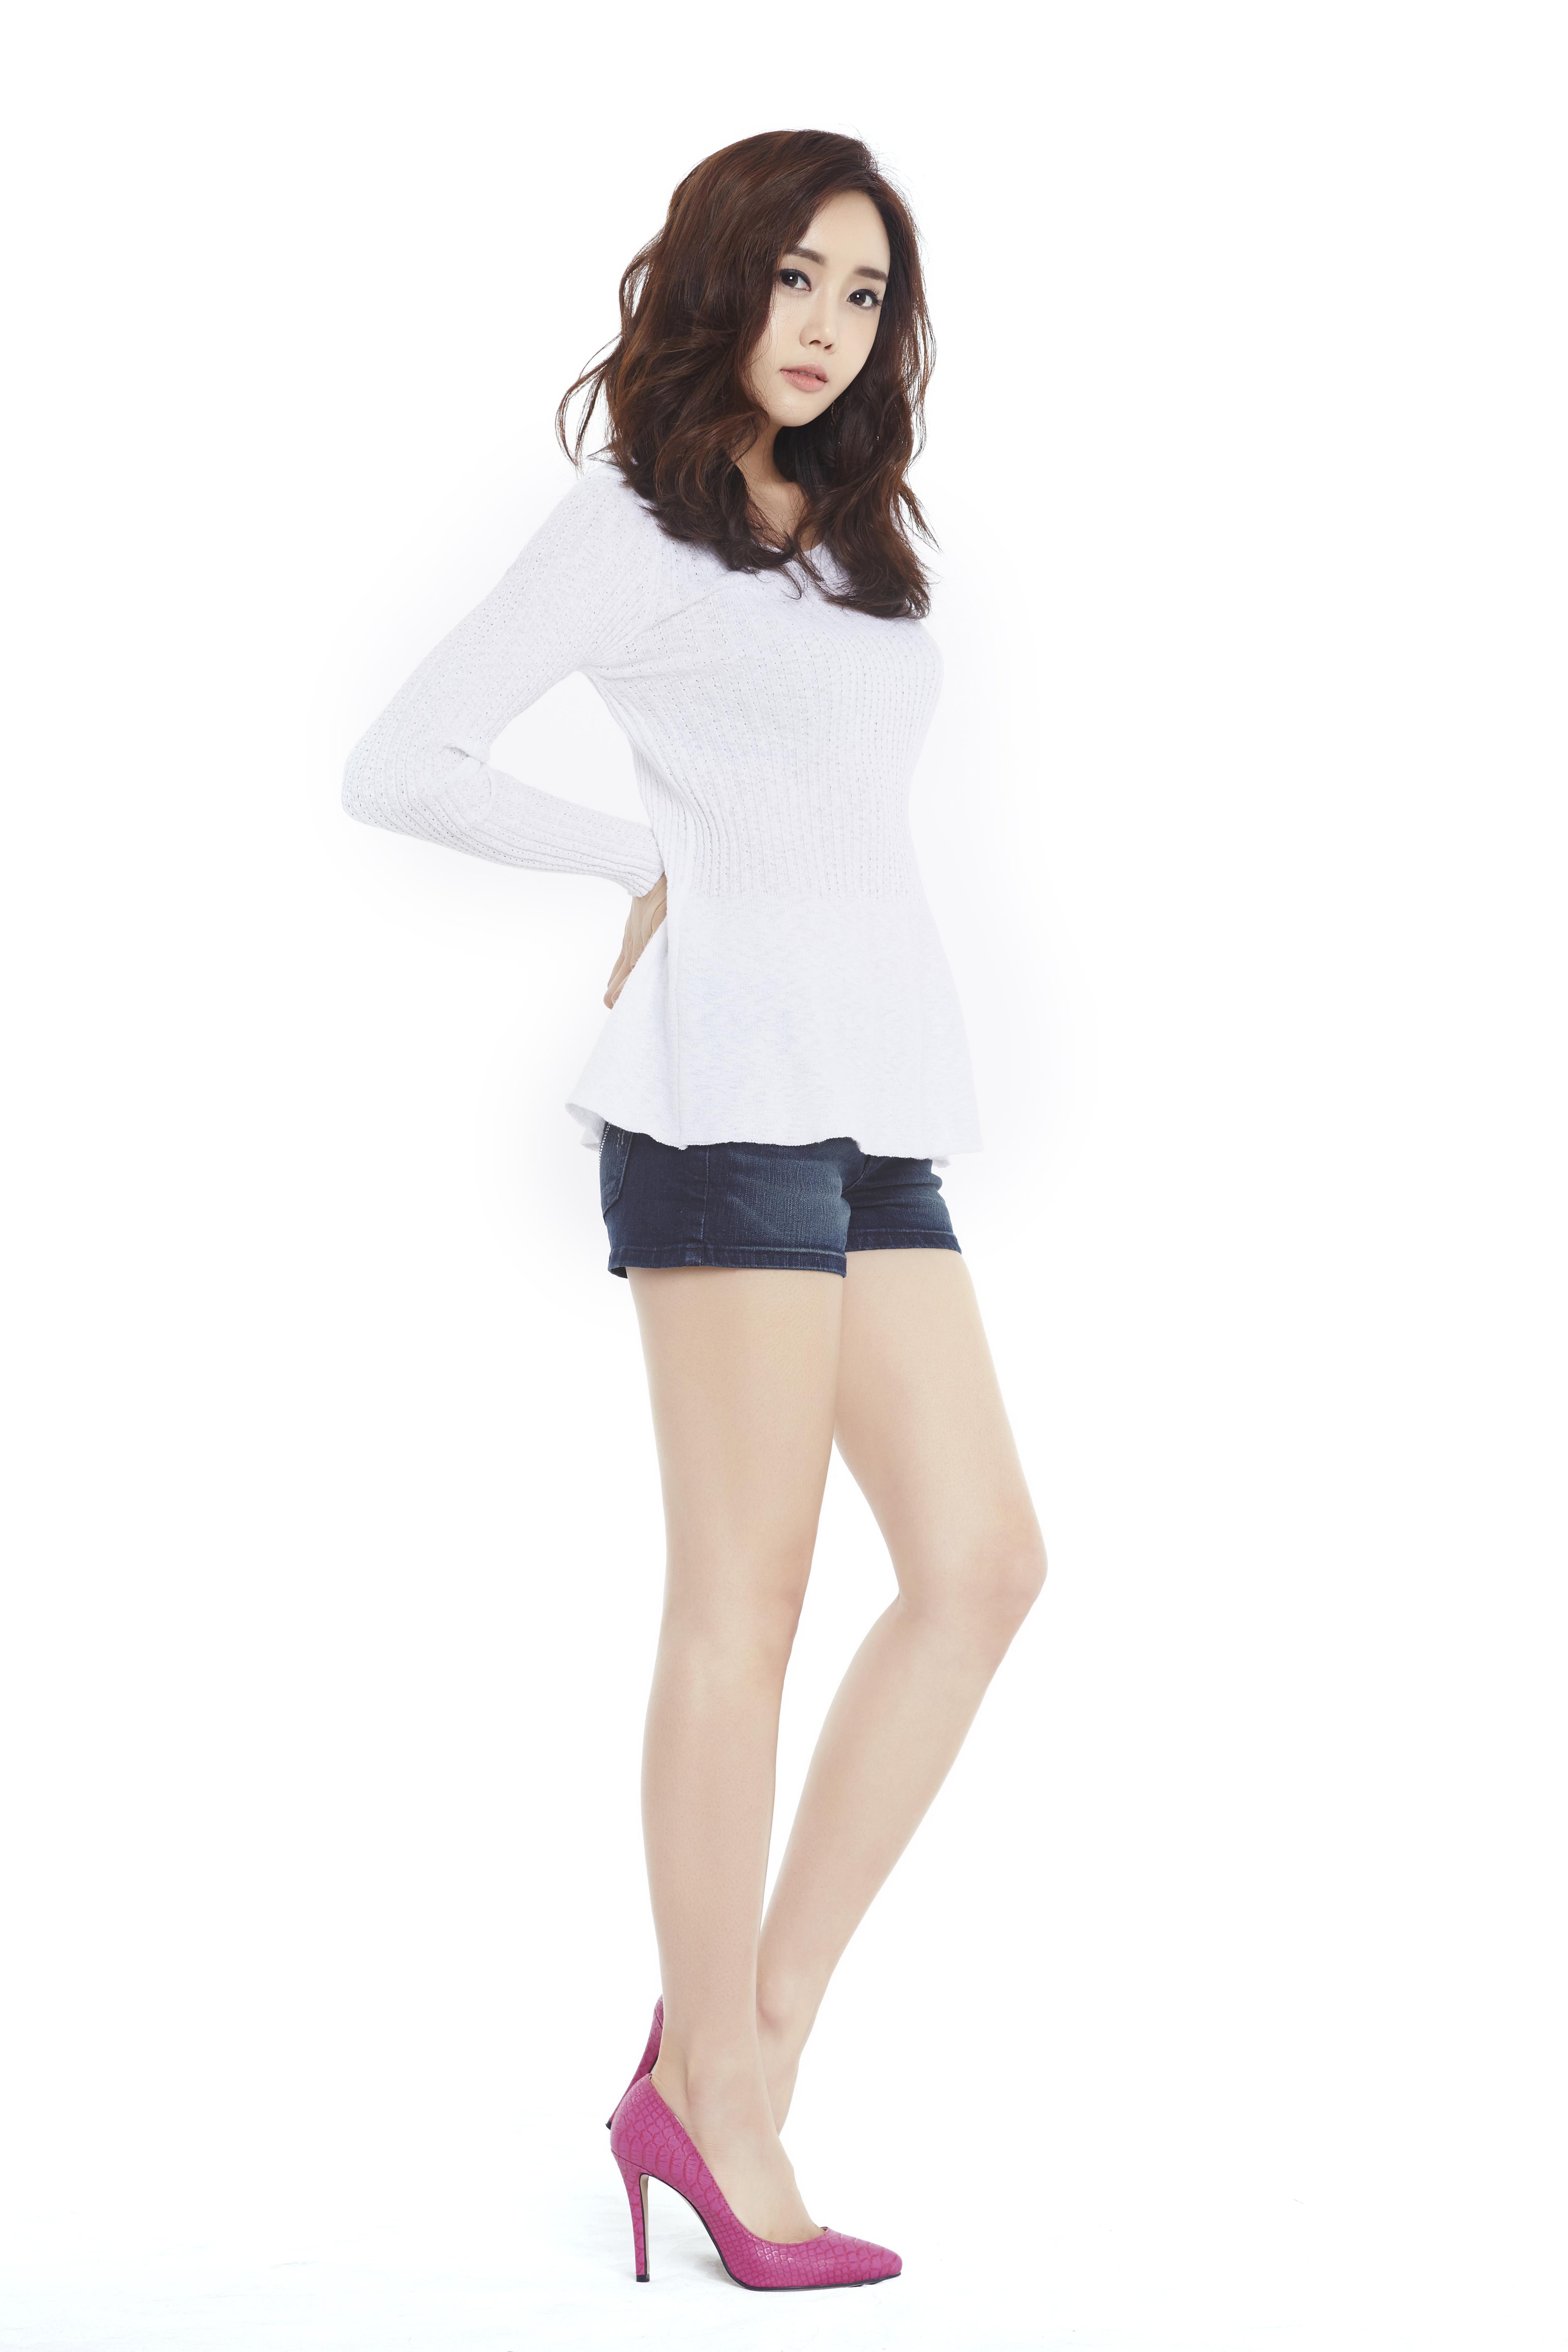 Model Factory Korean Female Model KangHJ